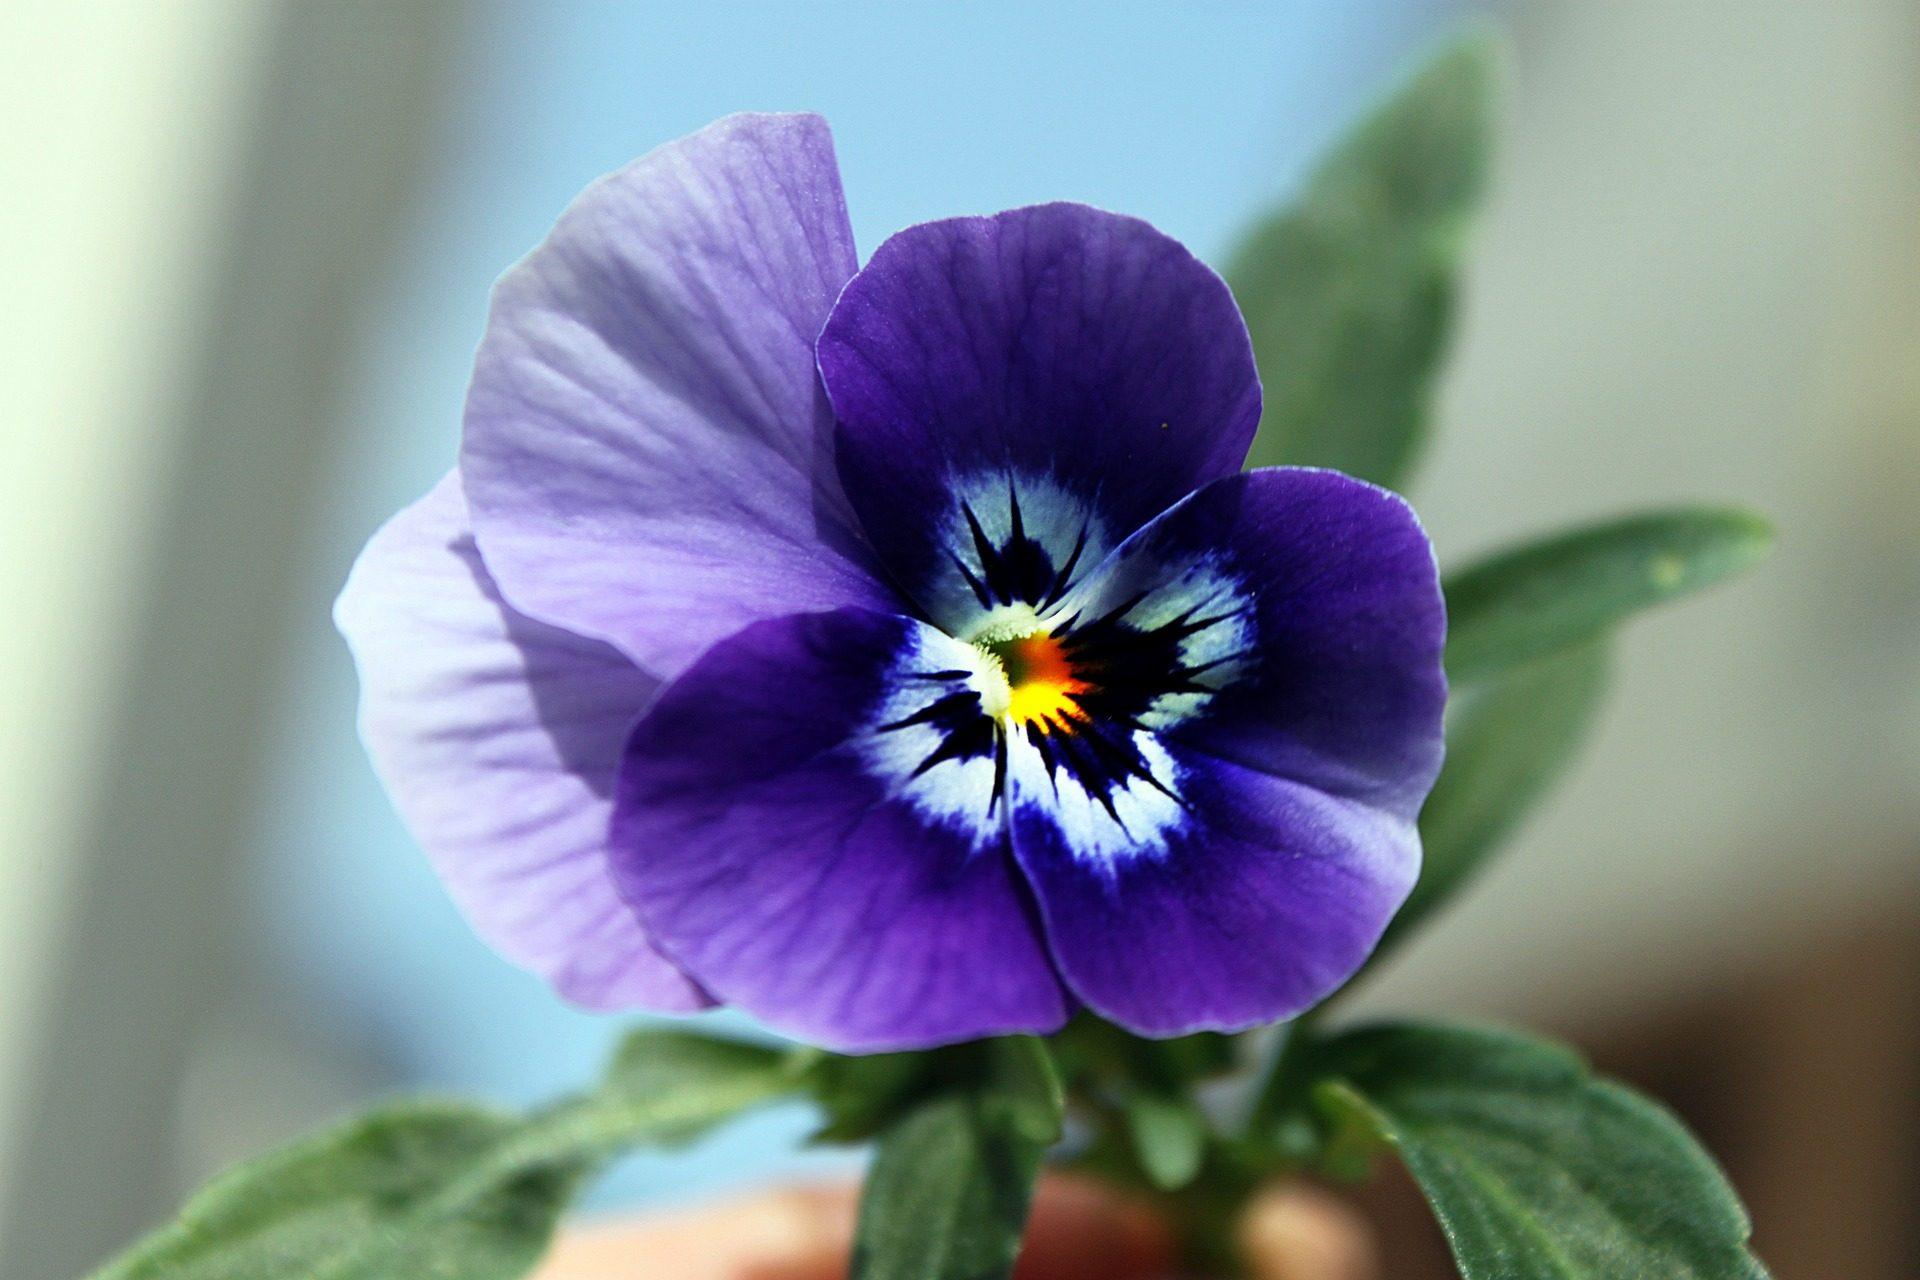 цветок, Фиолетовый, лепестки, Первый этаж, о - Обои HD - Профессор falken.com